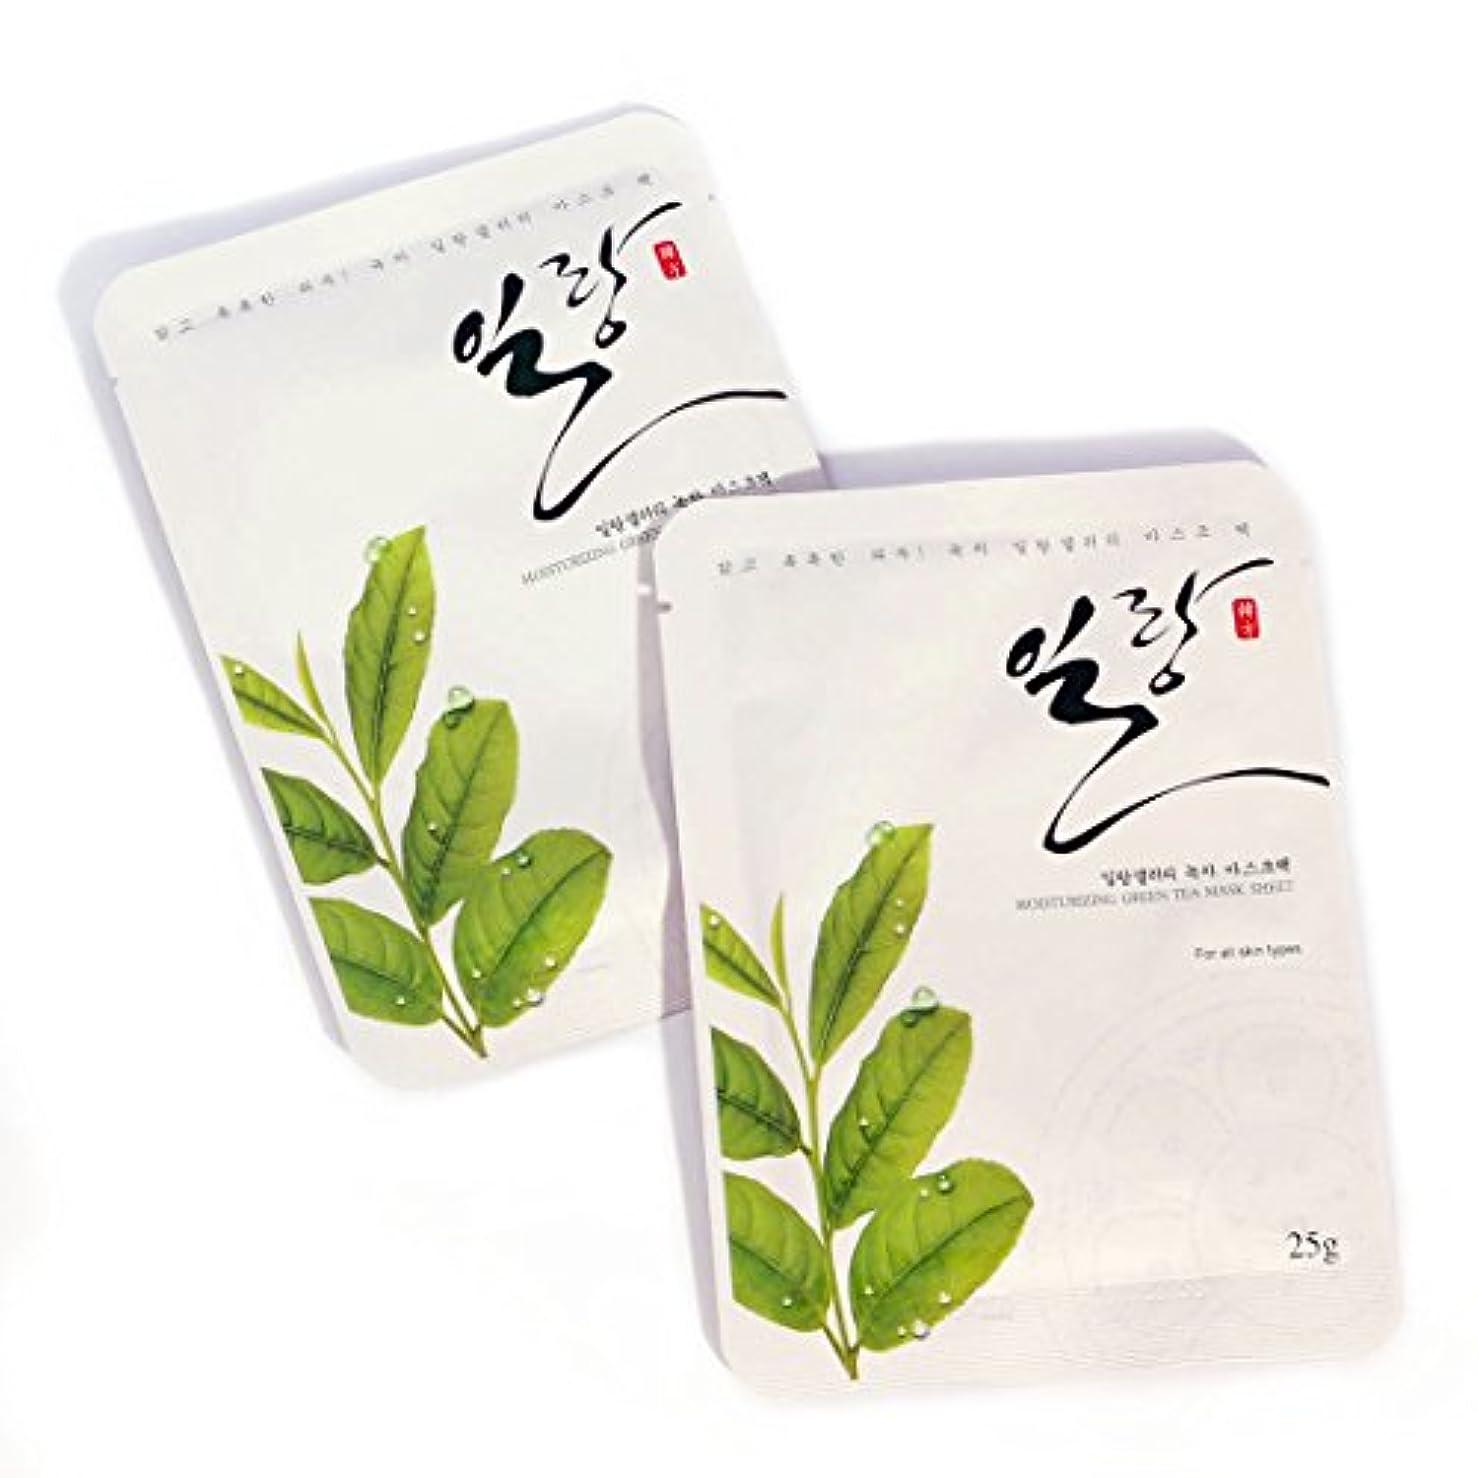 恐怖便利さ以前はYlang 韓国 伝統的な コラーゲン エッセンス フル 面 フェイシャル マスク 紙 シート - 25mlパック14個 - 緑茶 [並行輸入品]